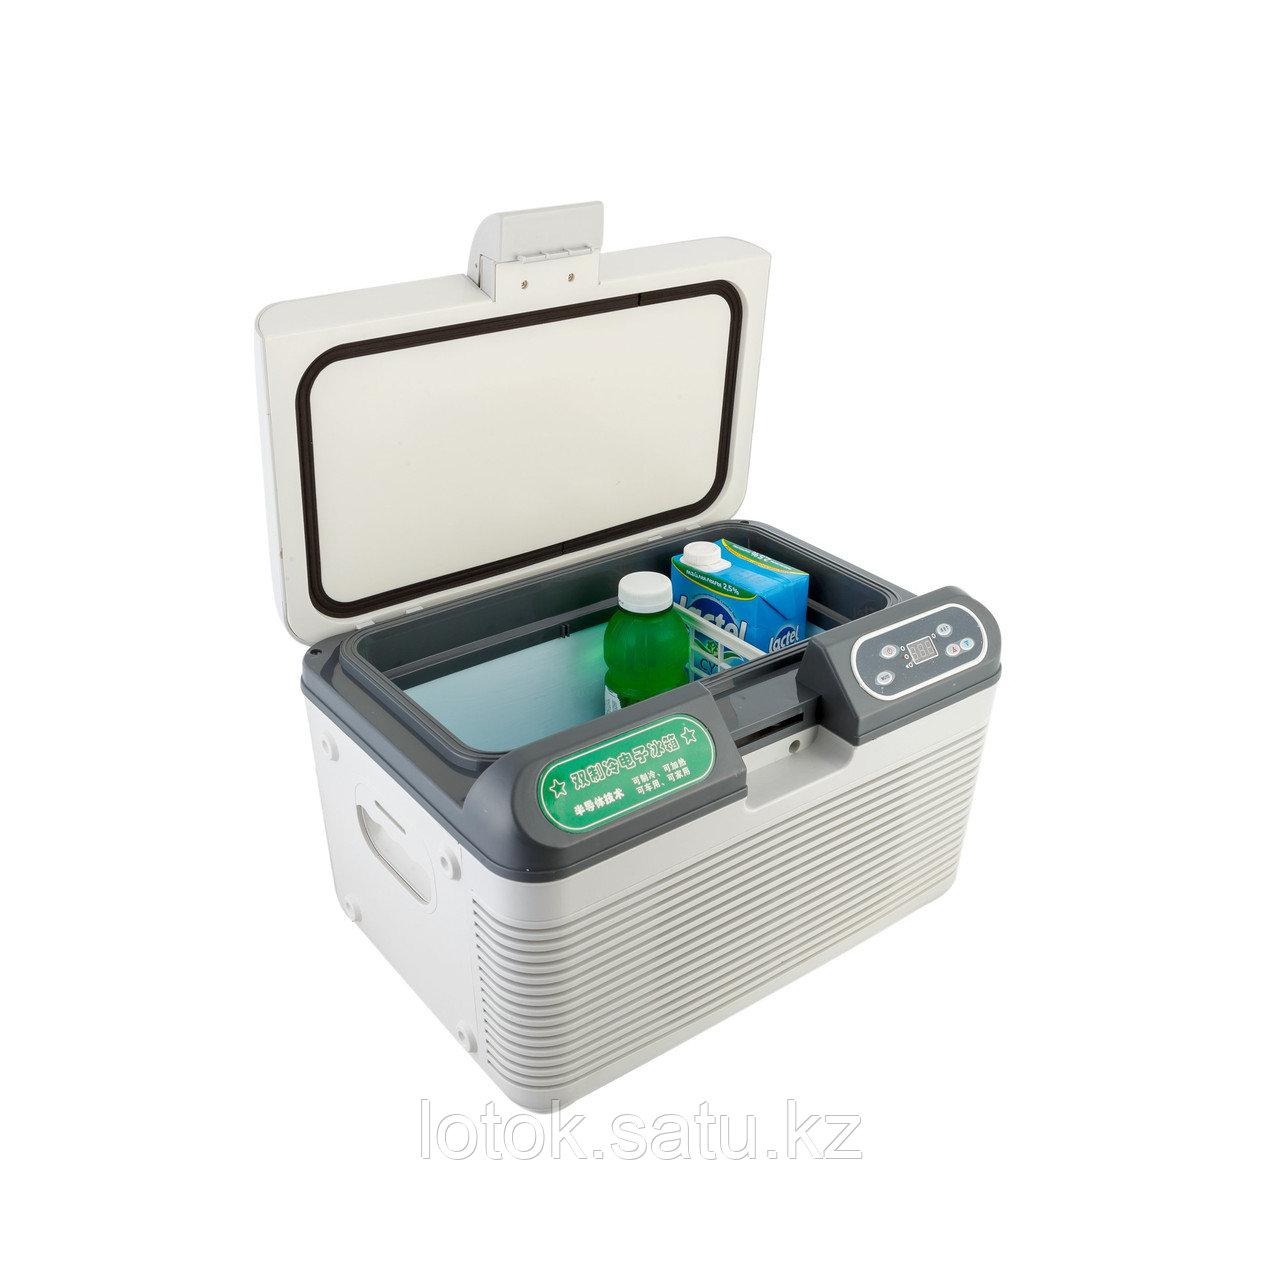 Автомобильный холодильник на 12 л с сенсорным управлением - фото 2